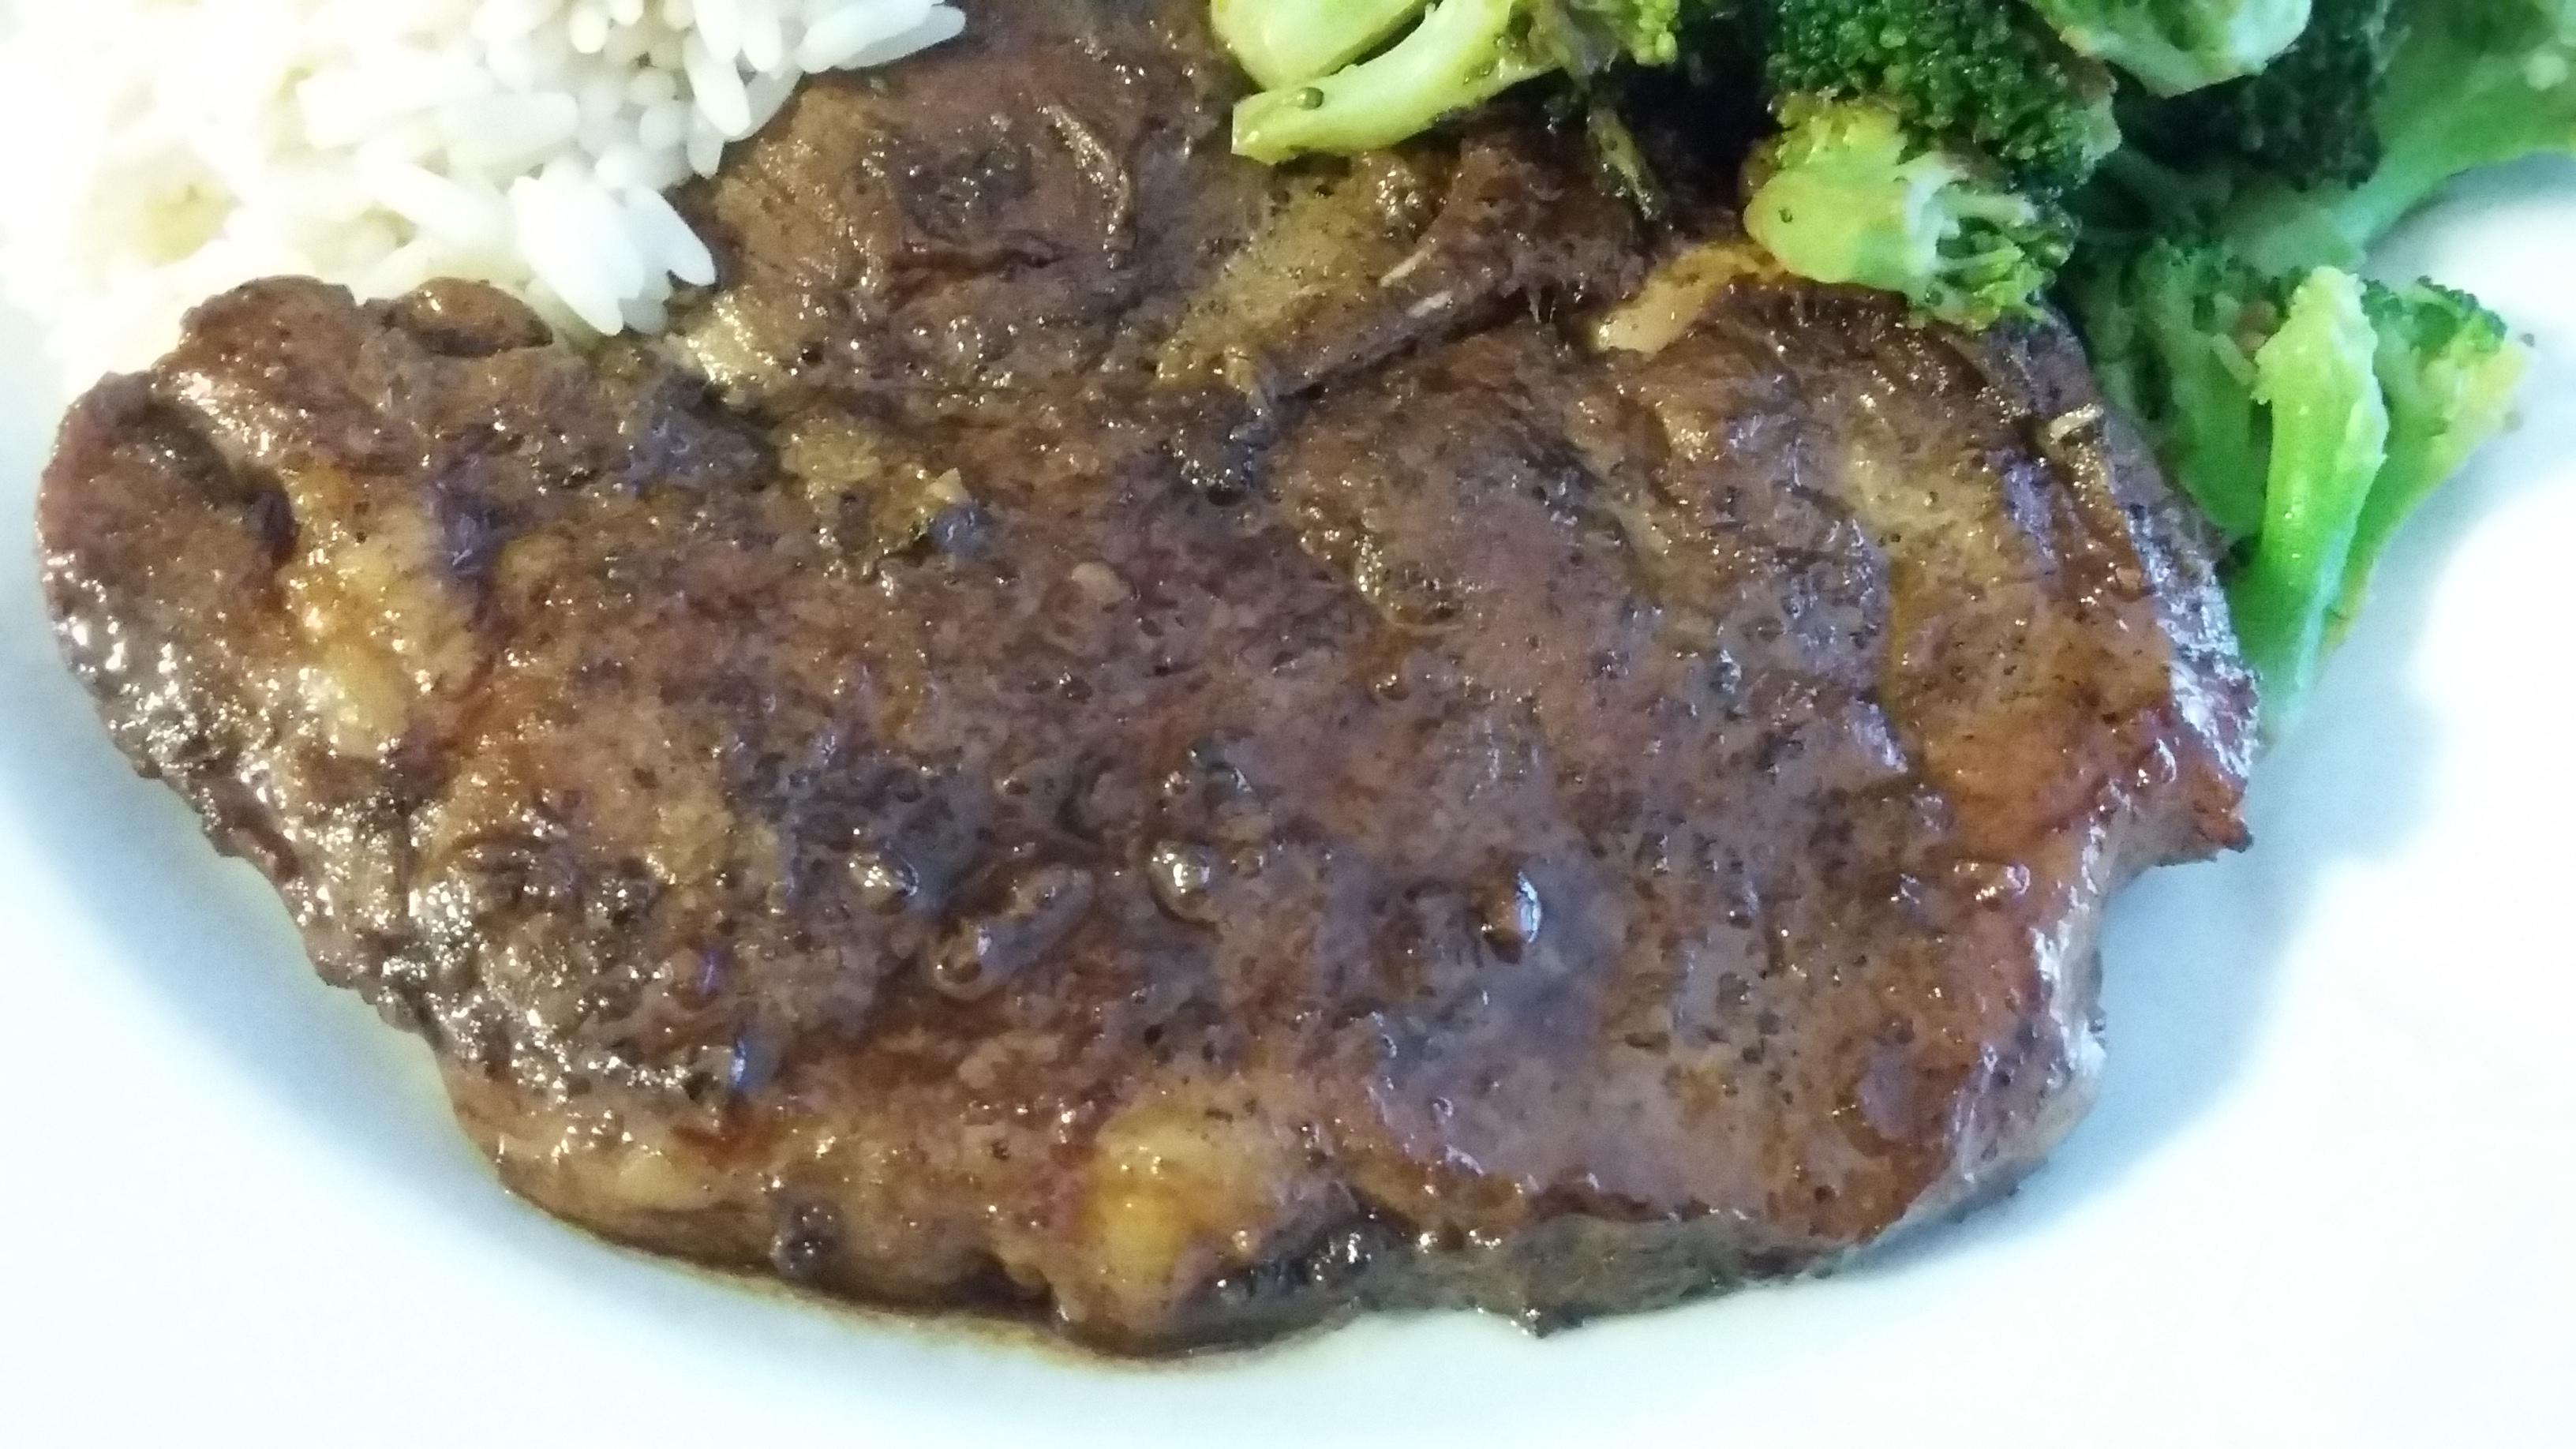 Vietnamese Pork and Five Spice